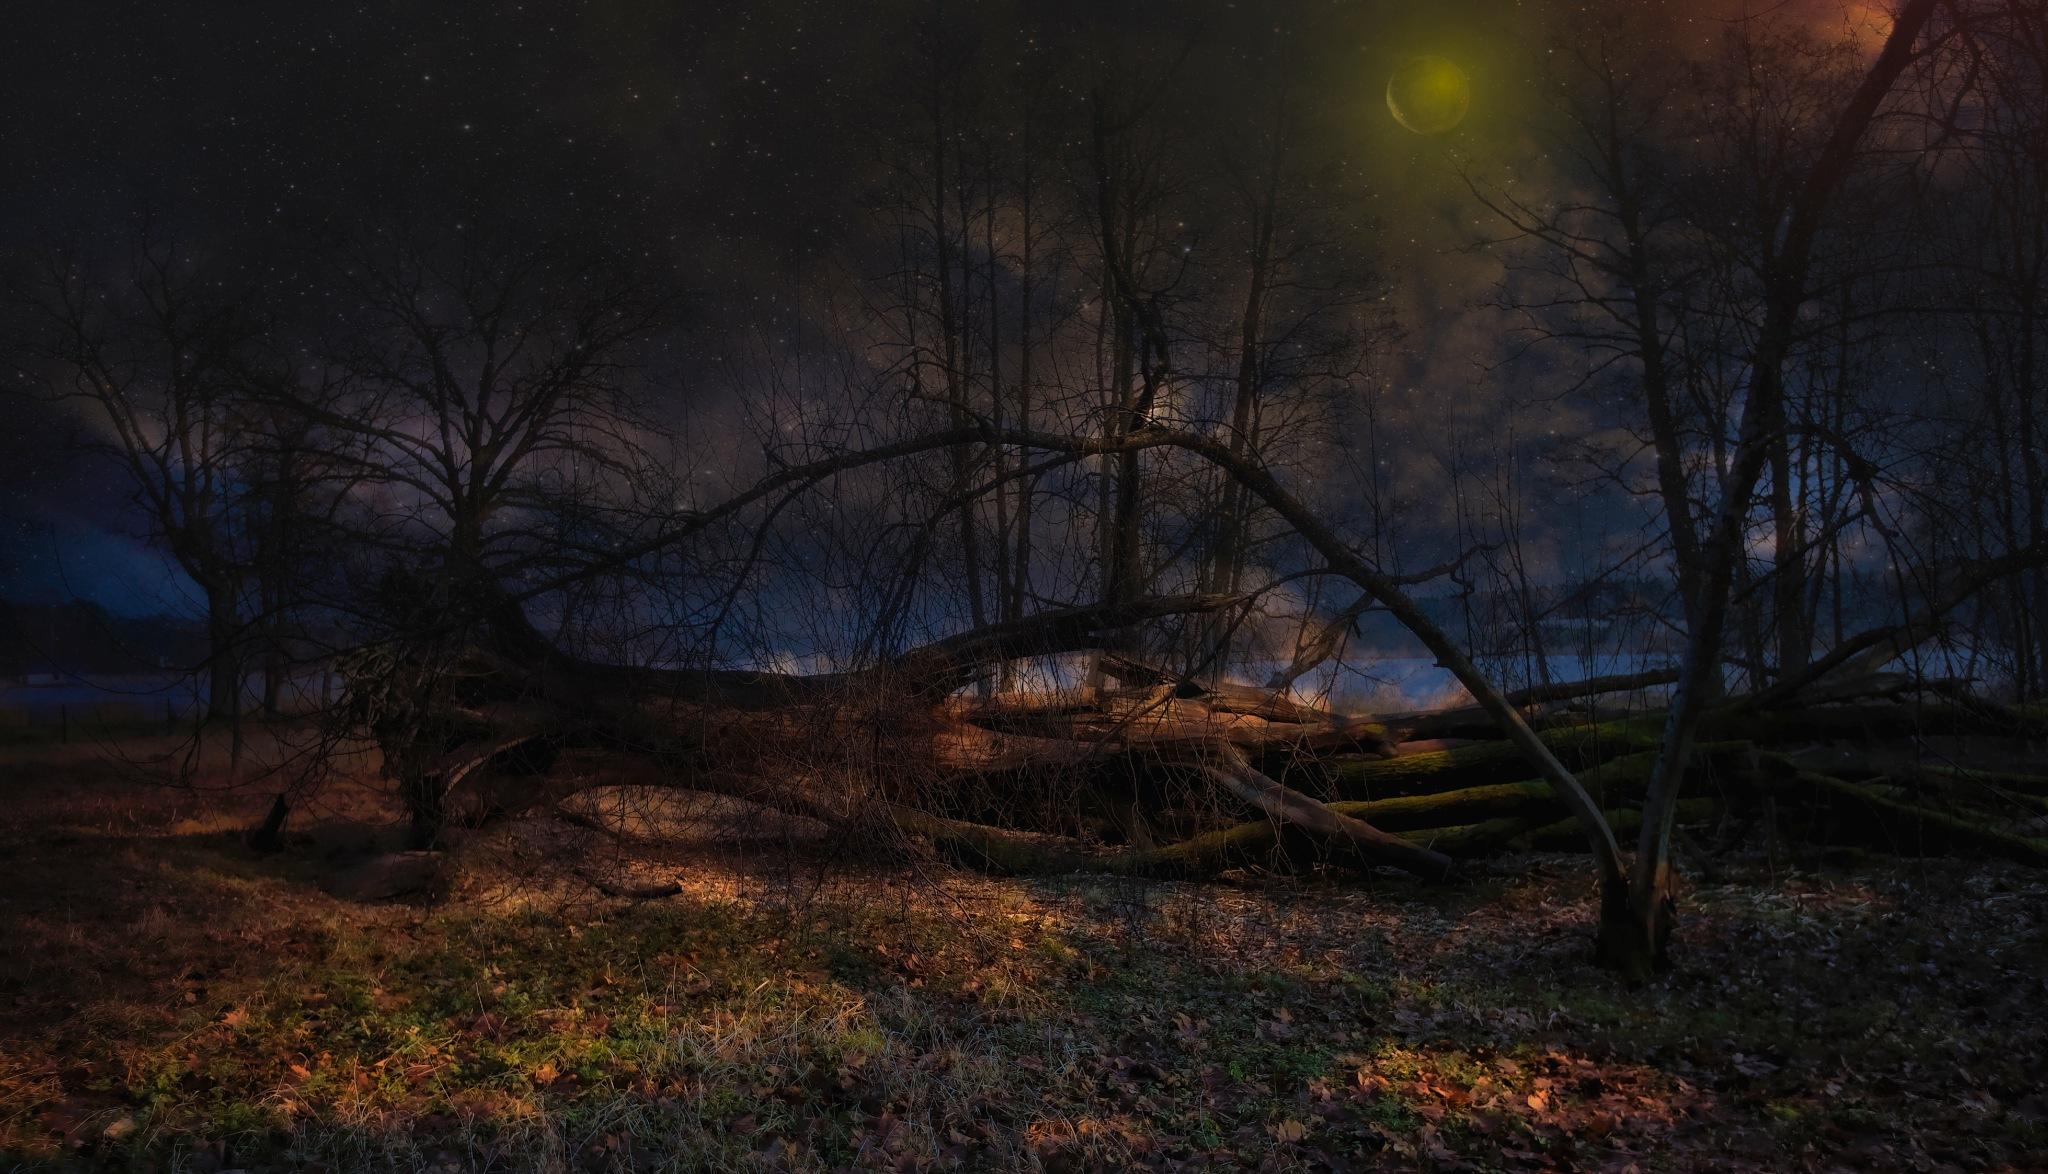 Tree in the night... by Aleksandrs Drozdovs